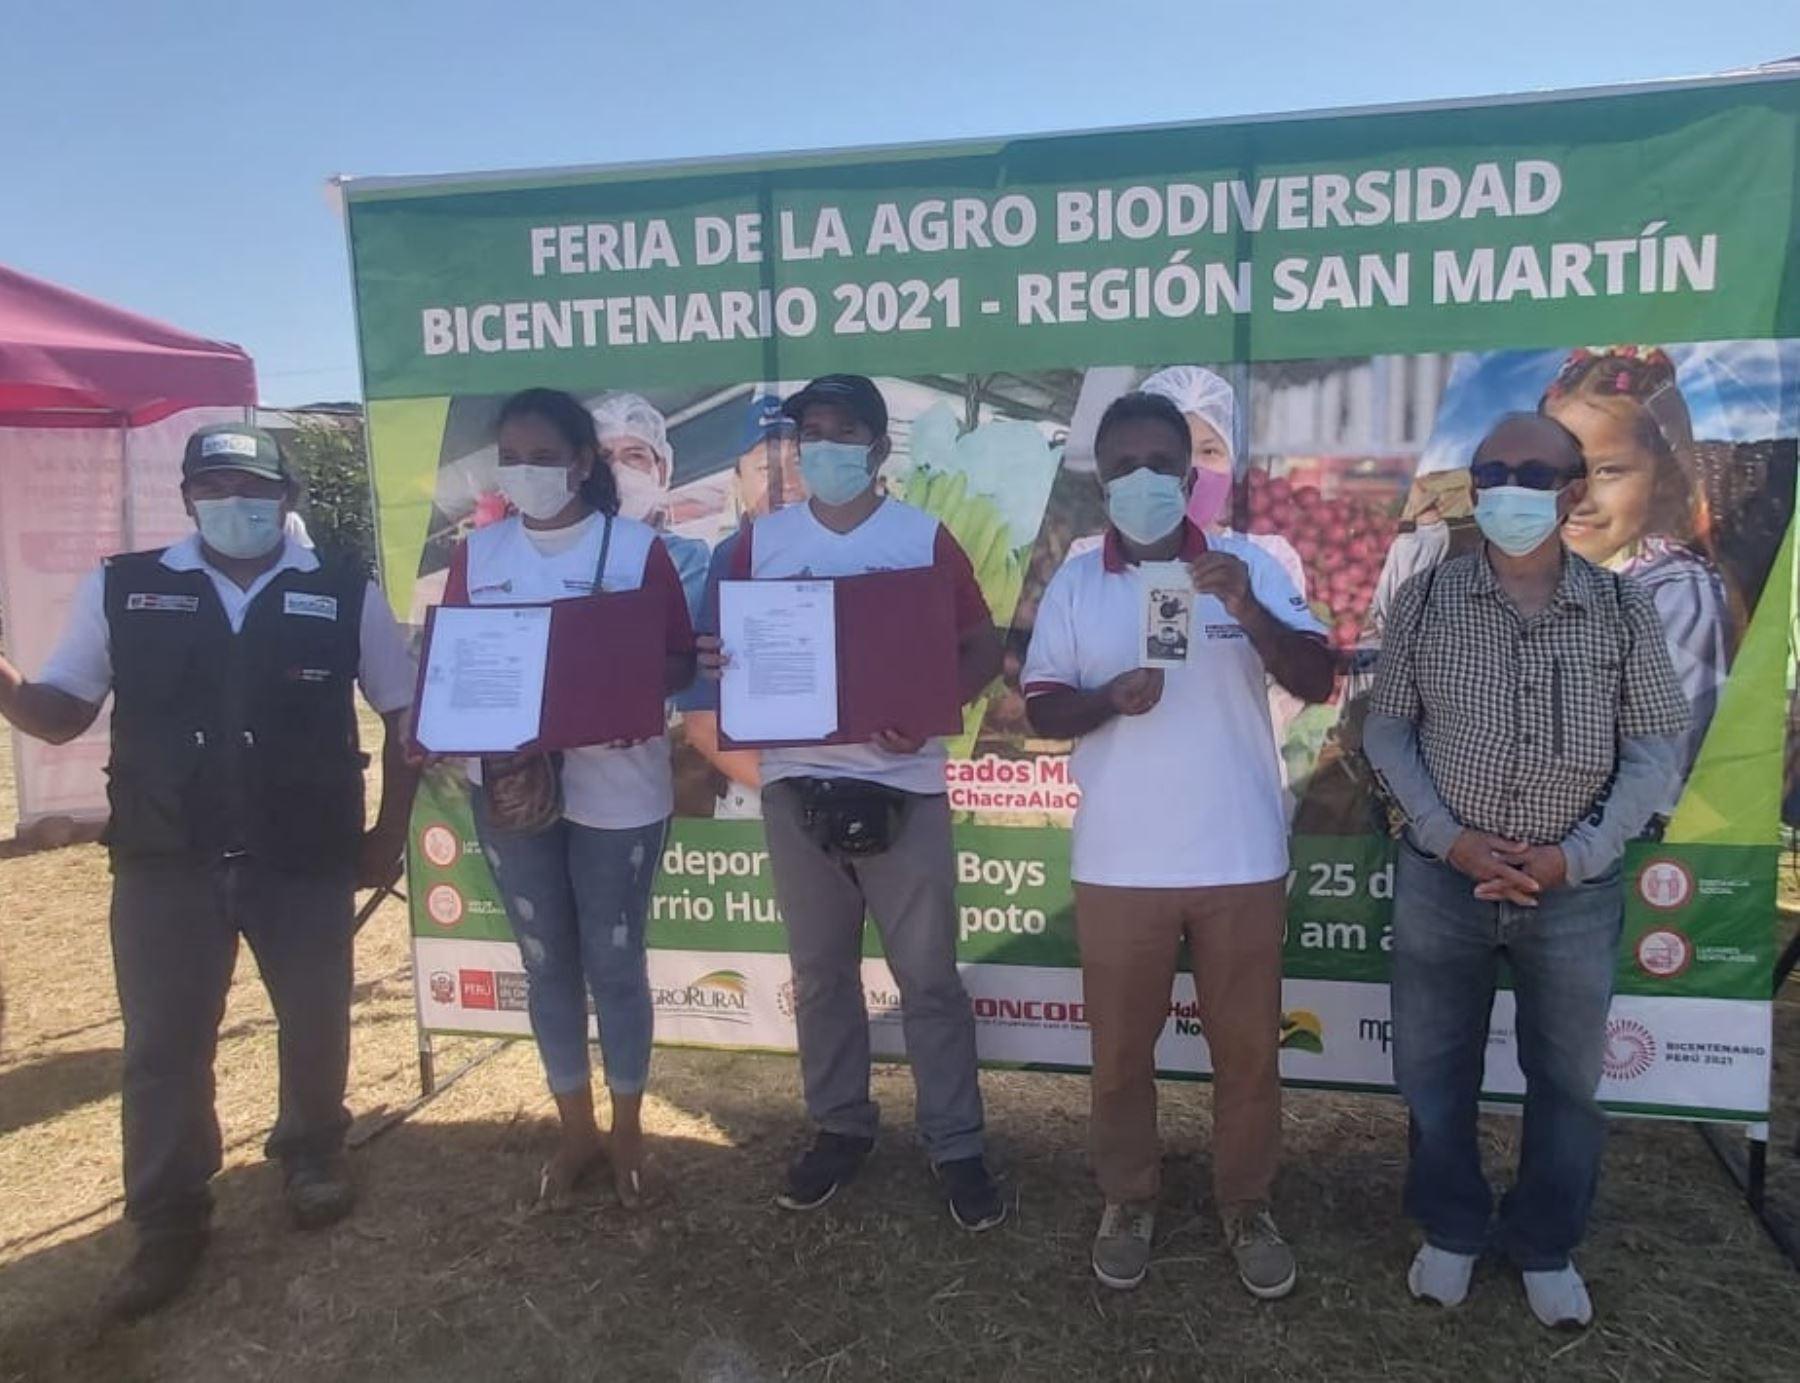 Emprendedores agrícolas de San Martín participan en Feria de la Agrobiodiversidad Bicentenario 2021 que se realiza en Tarapoto.